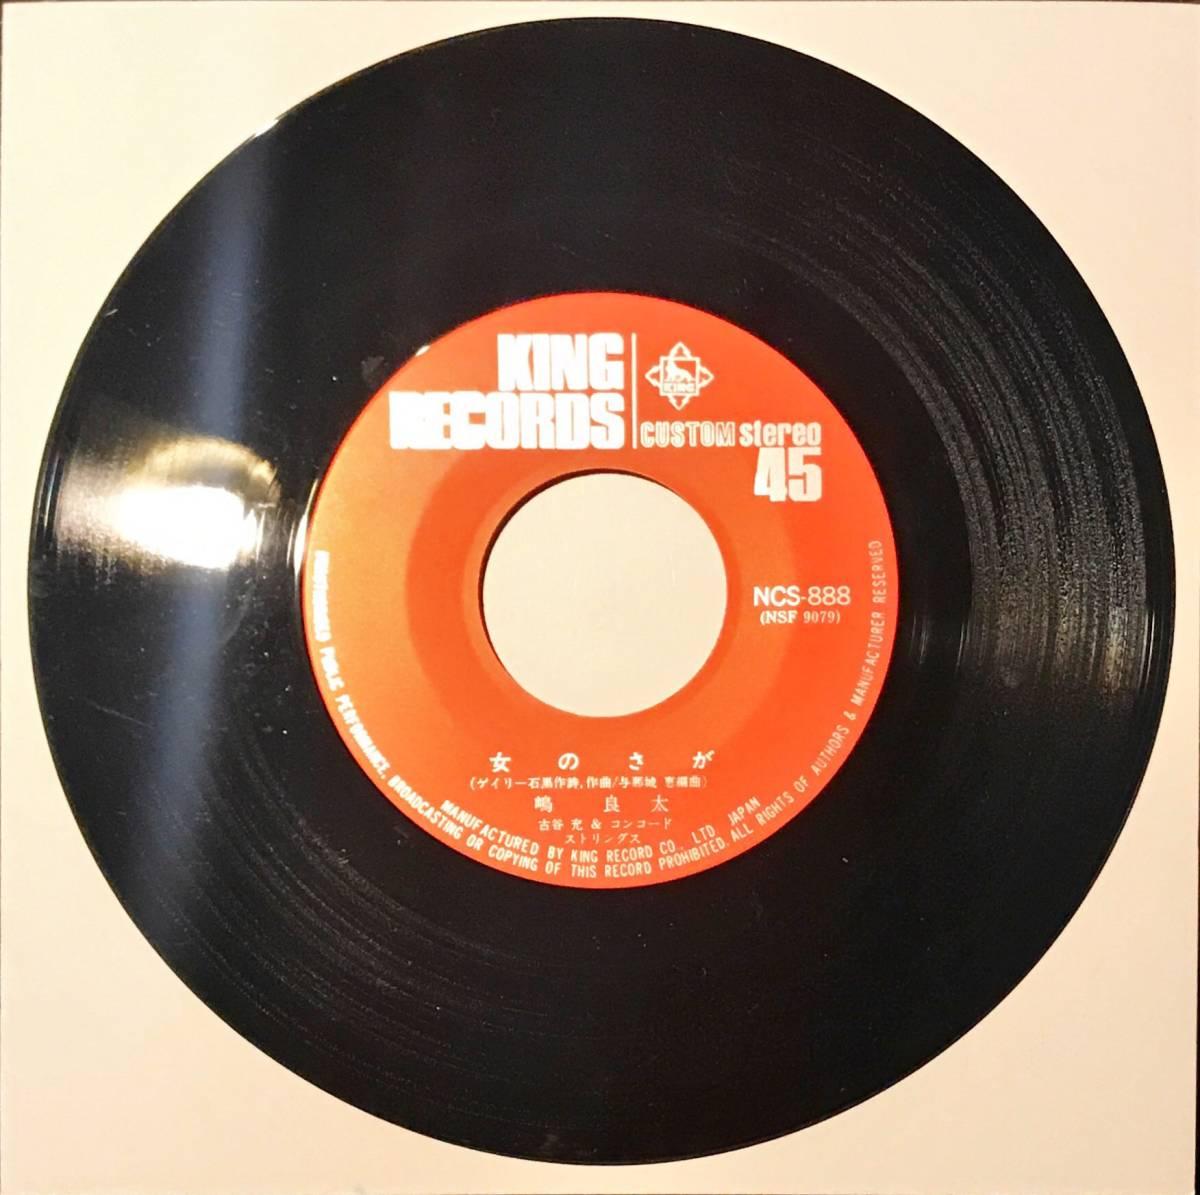 [試聴]和モノ自主盤マイナー演歌 嶋良太 // 女のさが / 盛り場はずれ ディープ歌謡 [EP]NCS888古谷充B級レコード ムードmood盤 企画 7_画像5